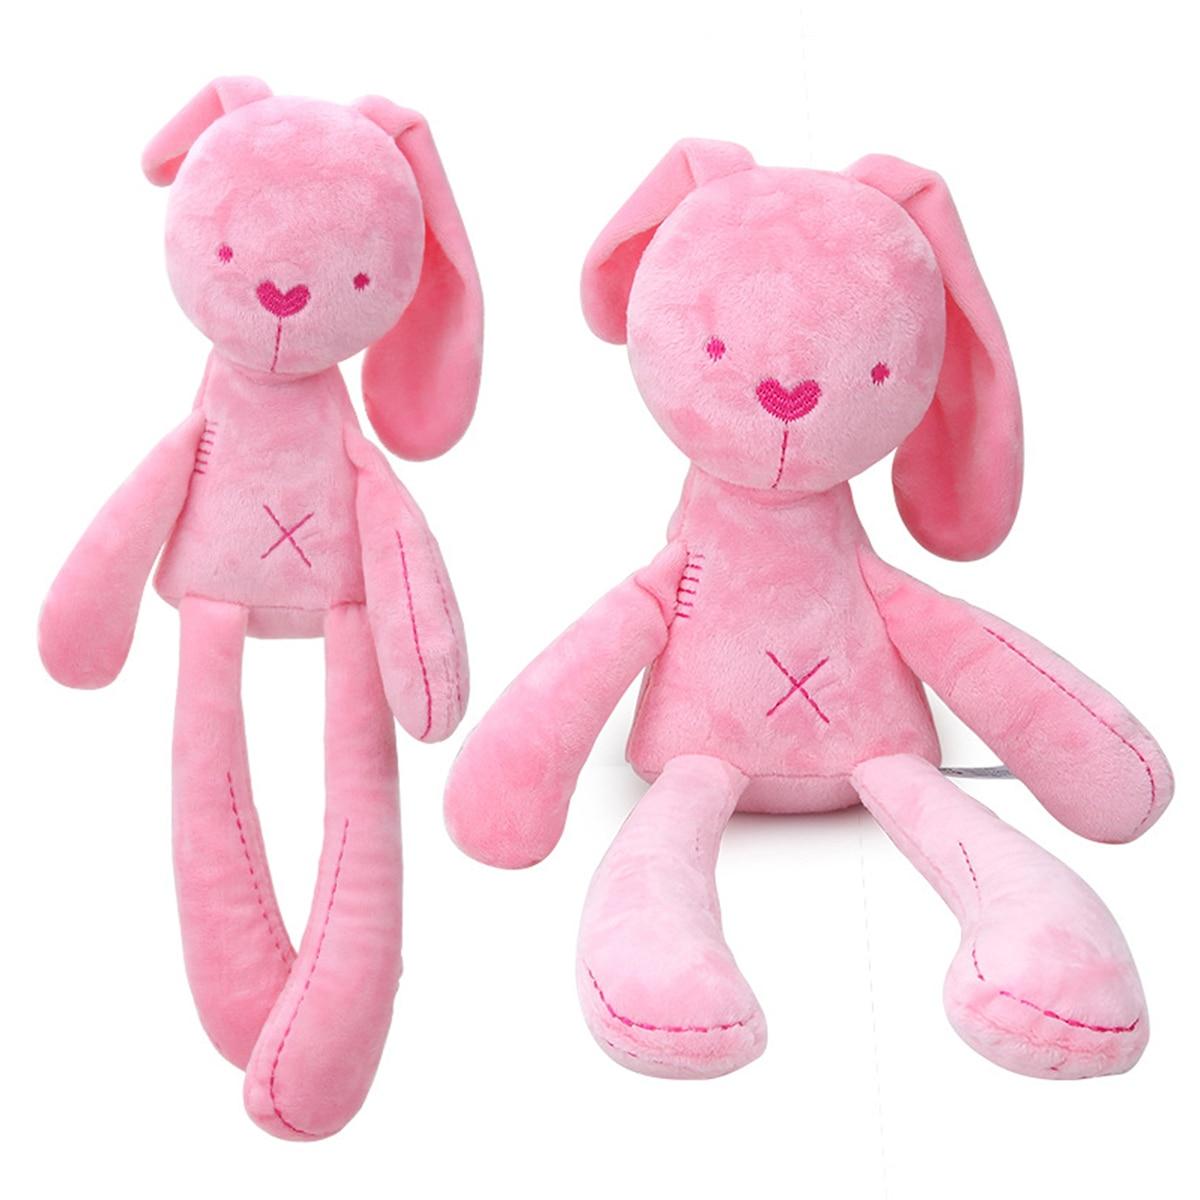 мягкая подушка для объятий/Мягкая игрушка младенцев/мягкая игрушка-кролик с длинными ступнями Бесплатная доставка скидка